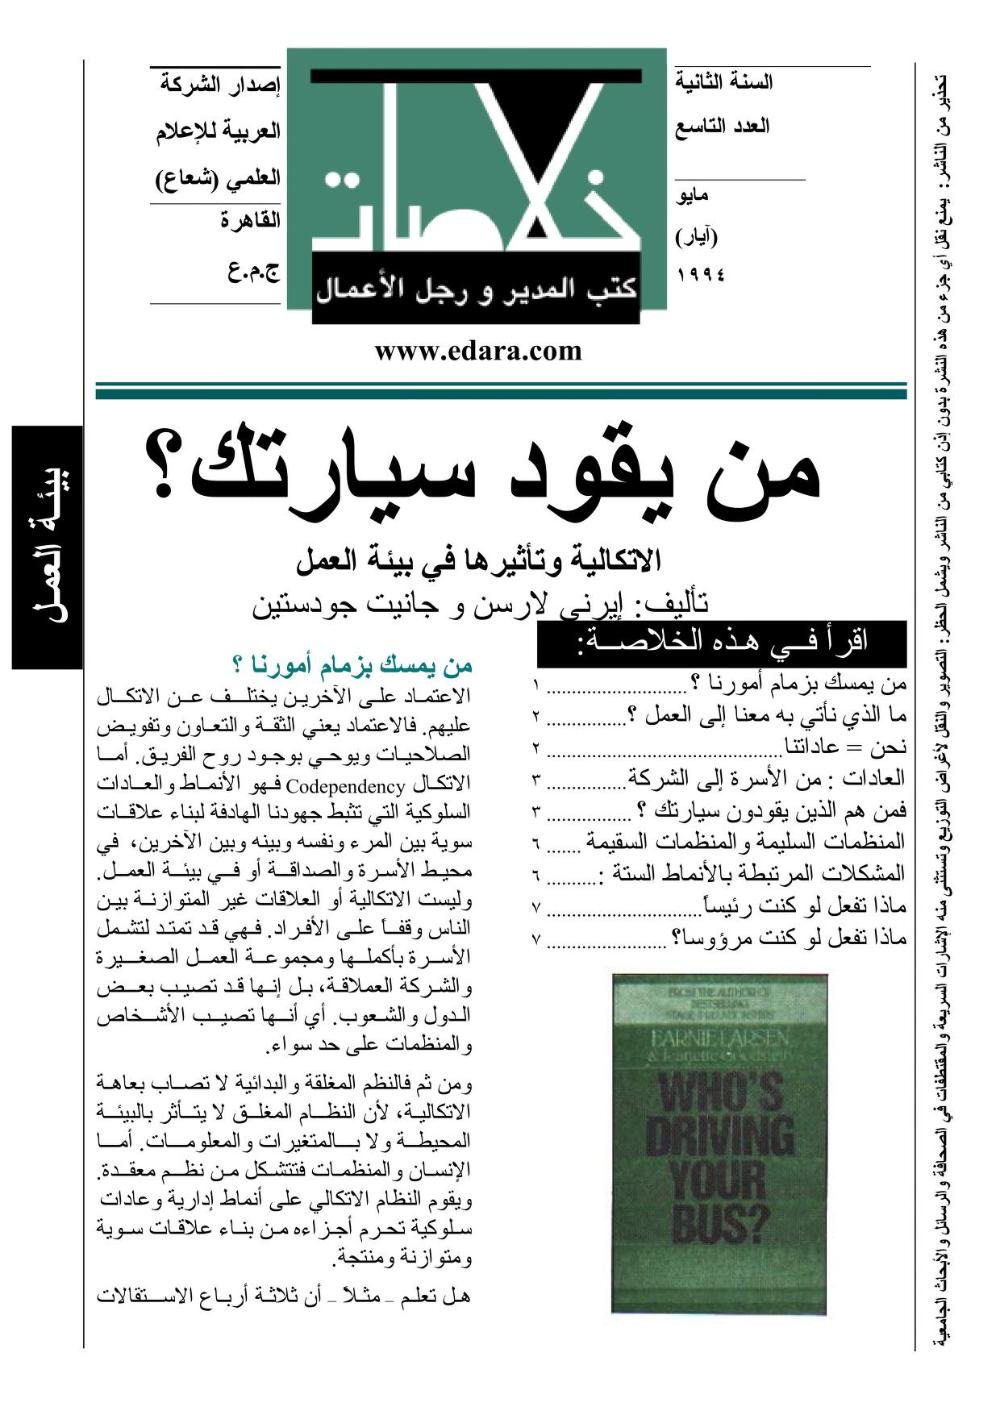 Pin By Ava On Akam Writing Entrepreneur Mindset Books